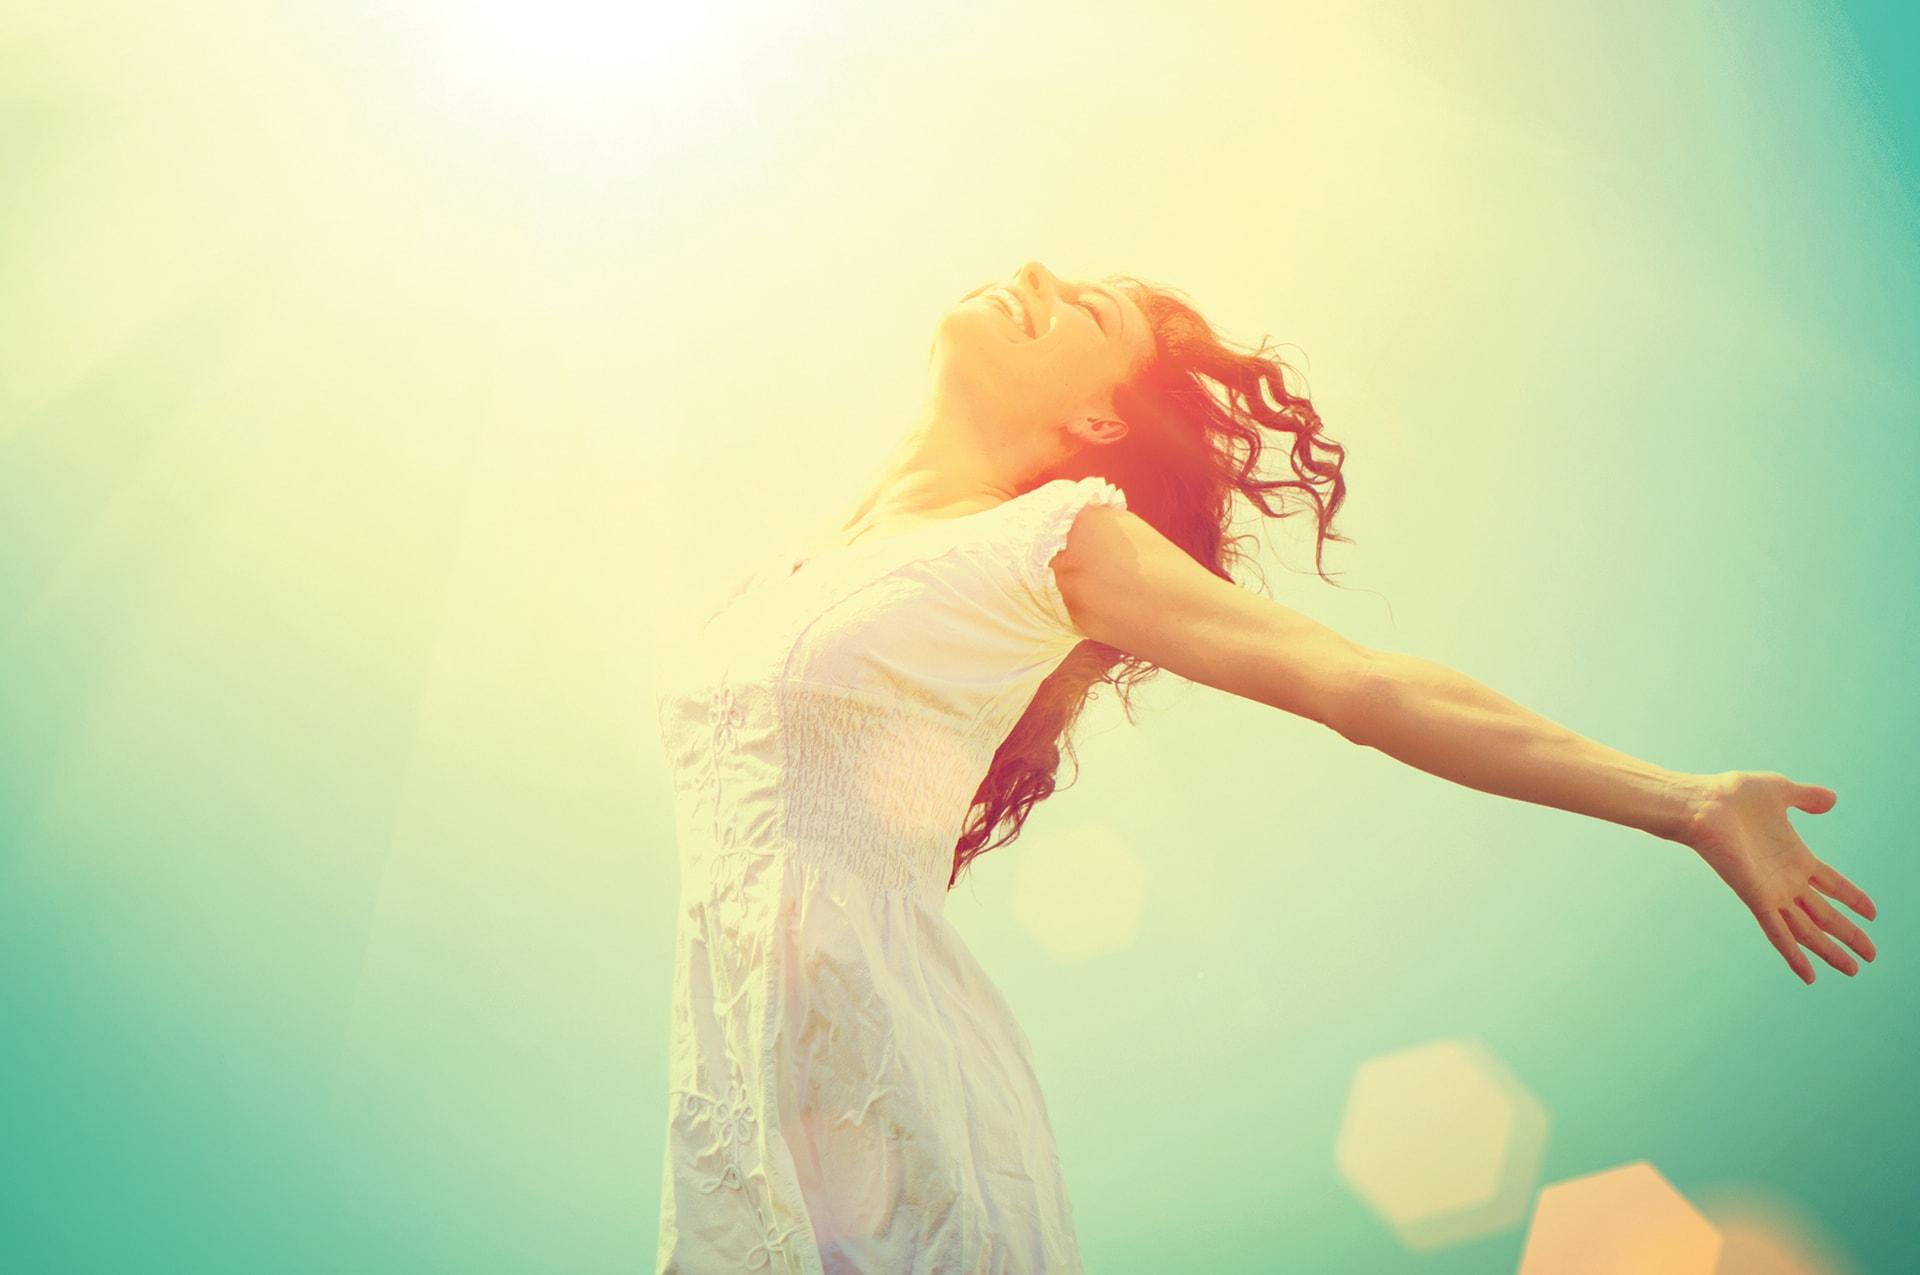 Reconecta con tu instinto y toma las riendas de tu energía. Empodérate. ¡Antumízate!